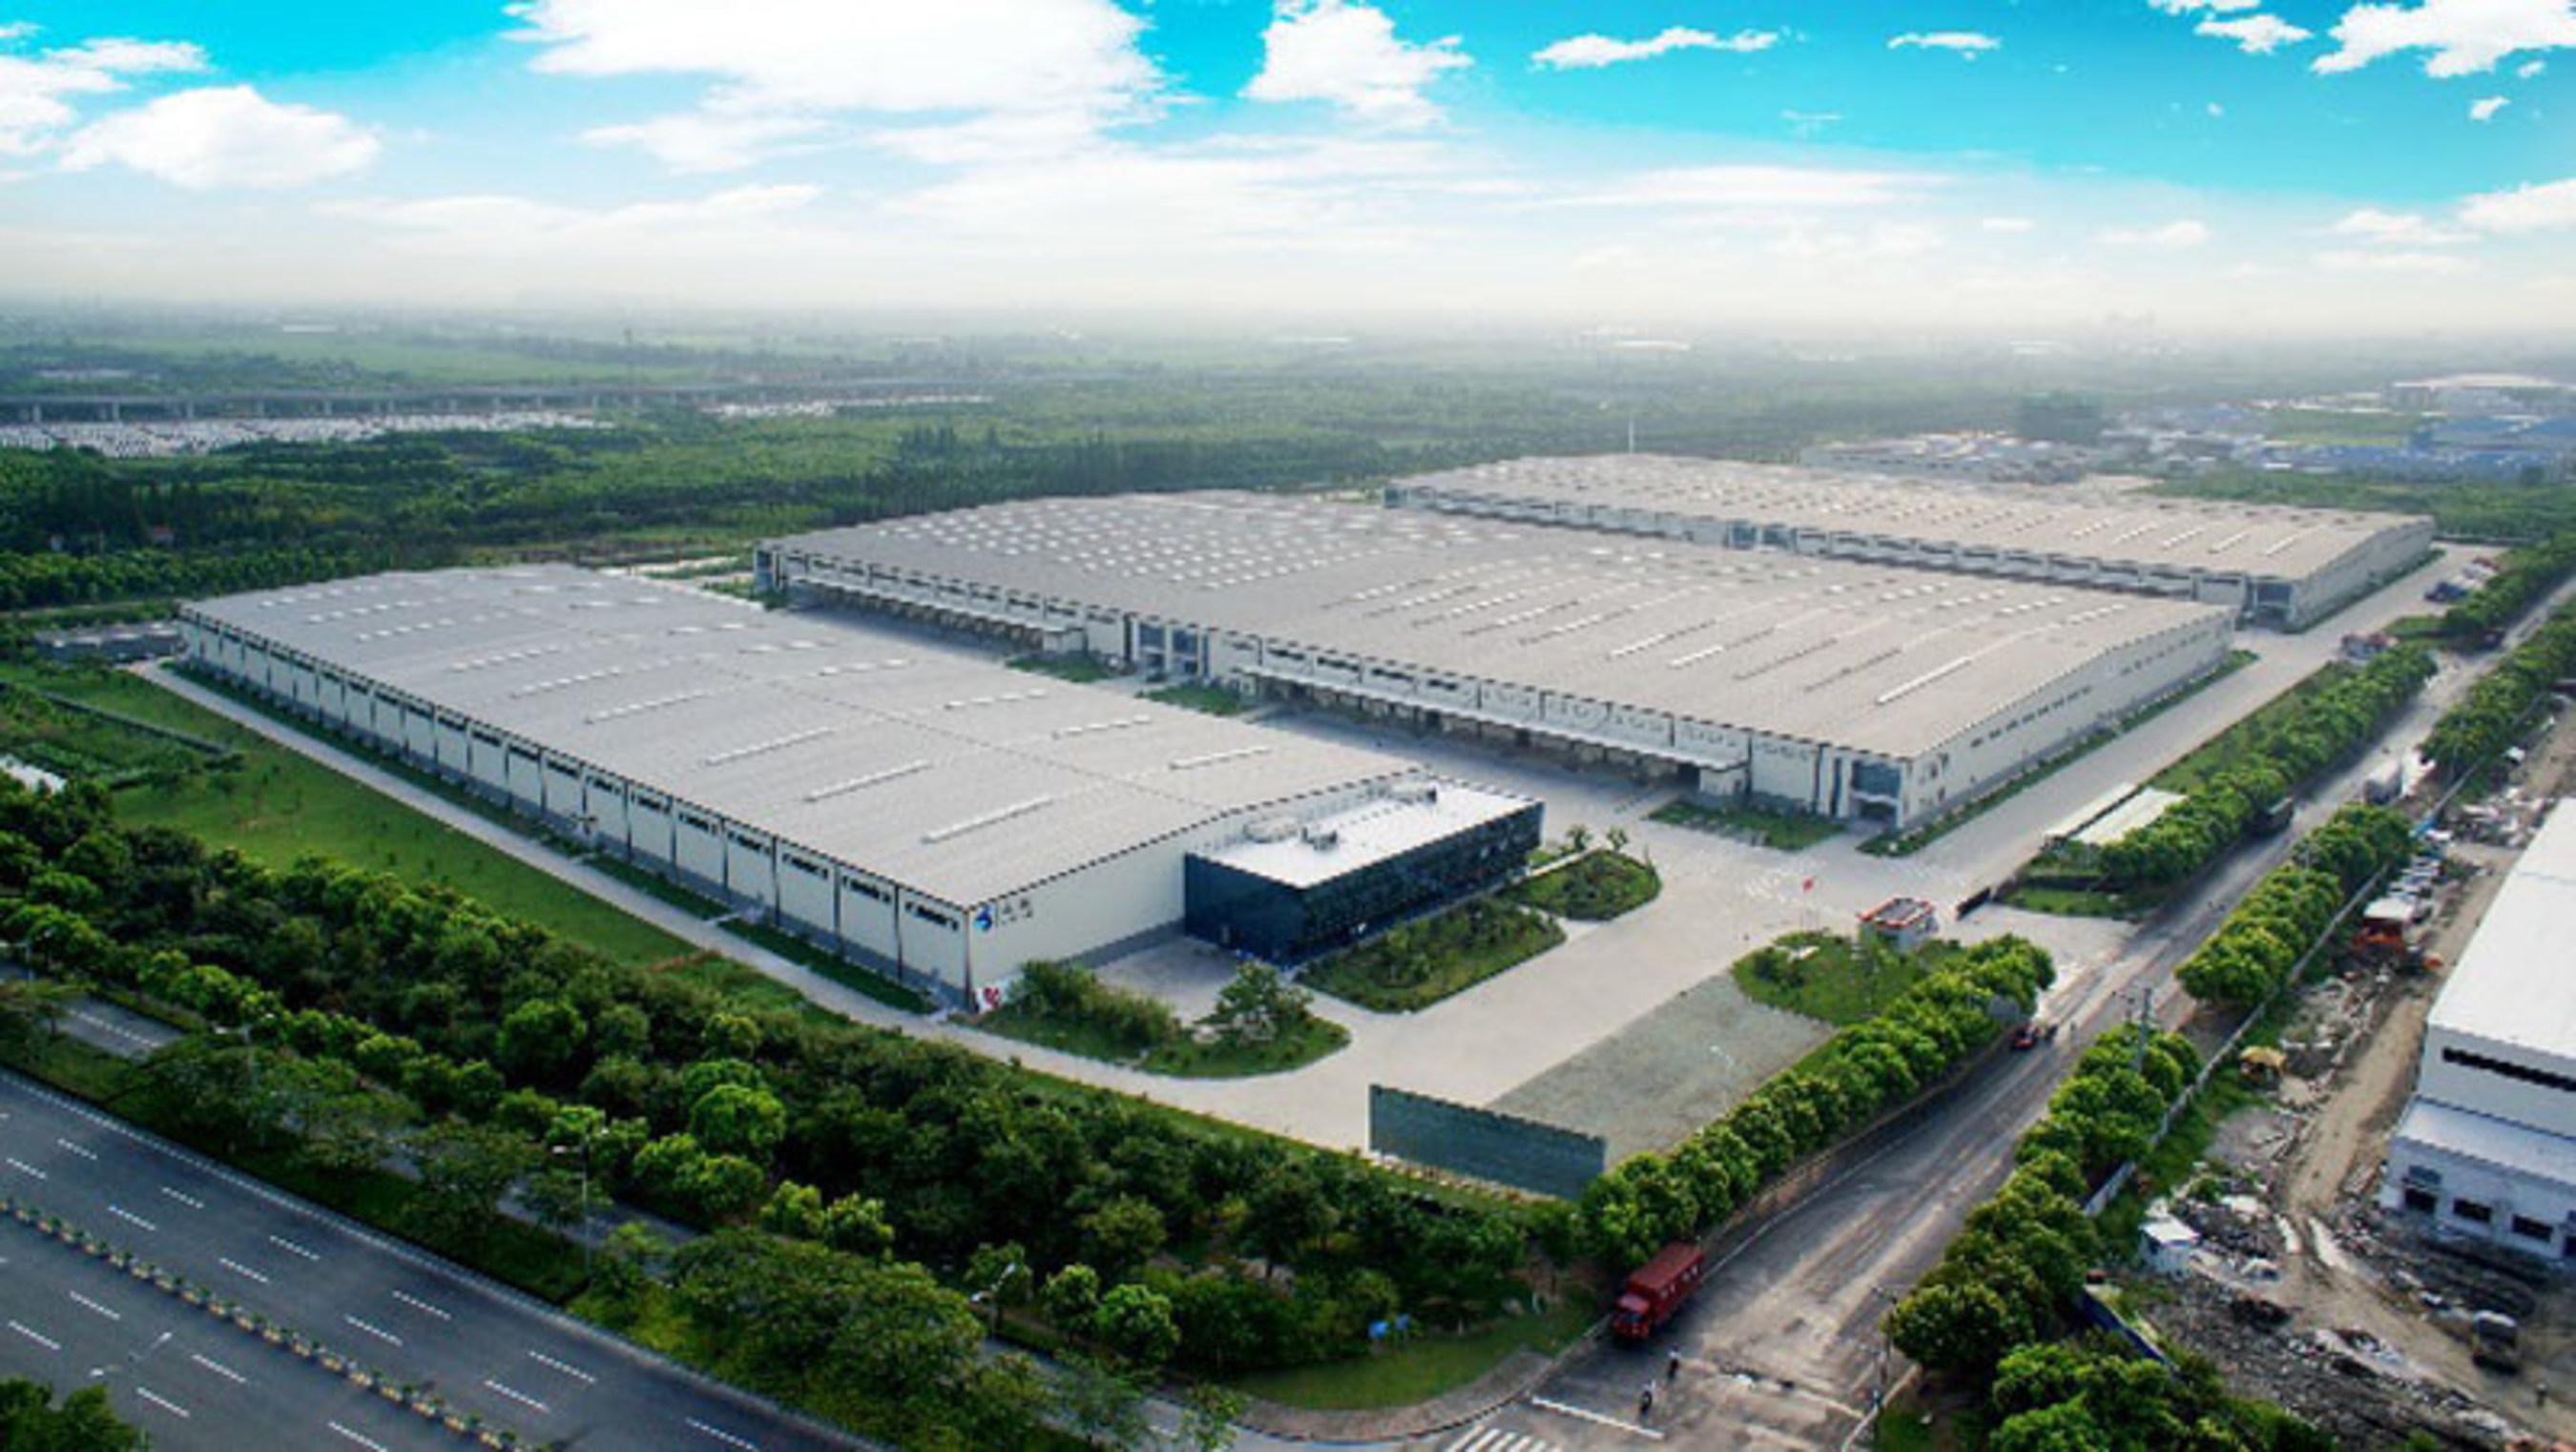 e-Shang et Redwood Group annoncent leur fusion stratégique et la création de la principale